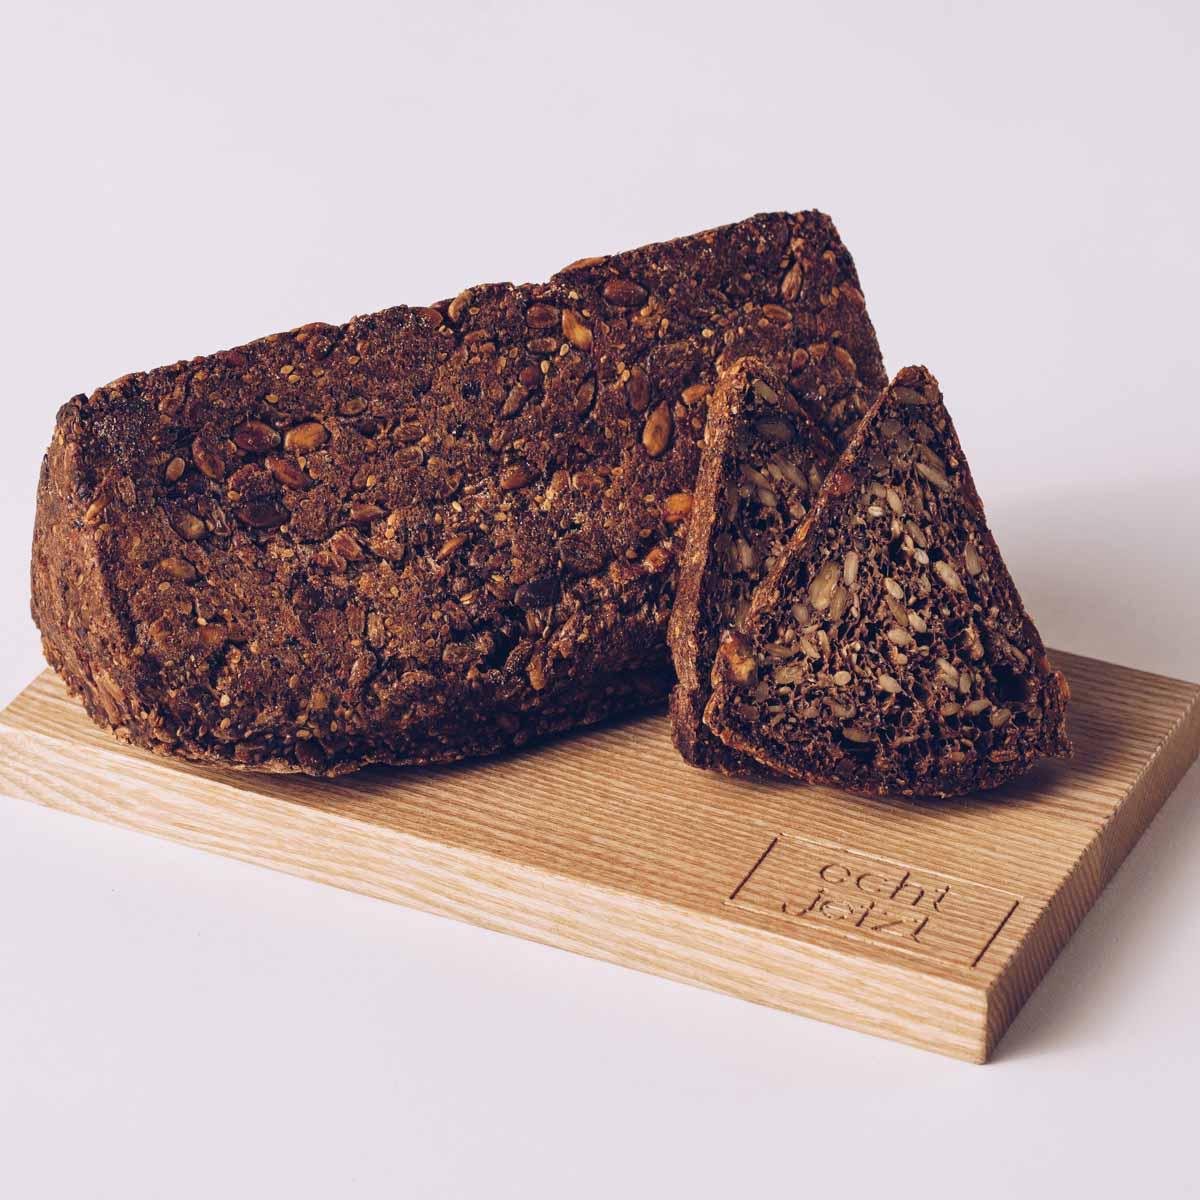 Echt Jetzt Glutenfreies Bio-Brot München--6